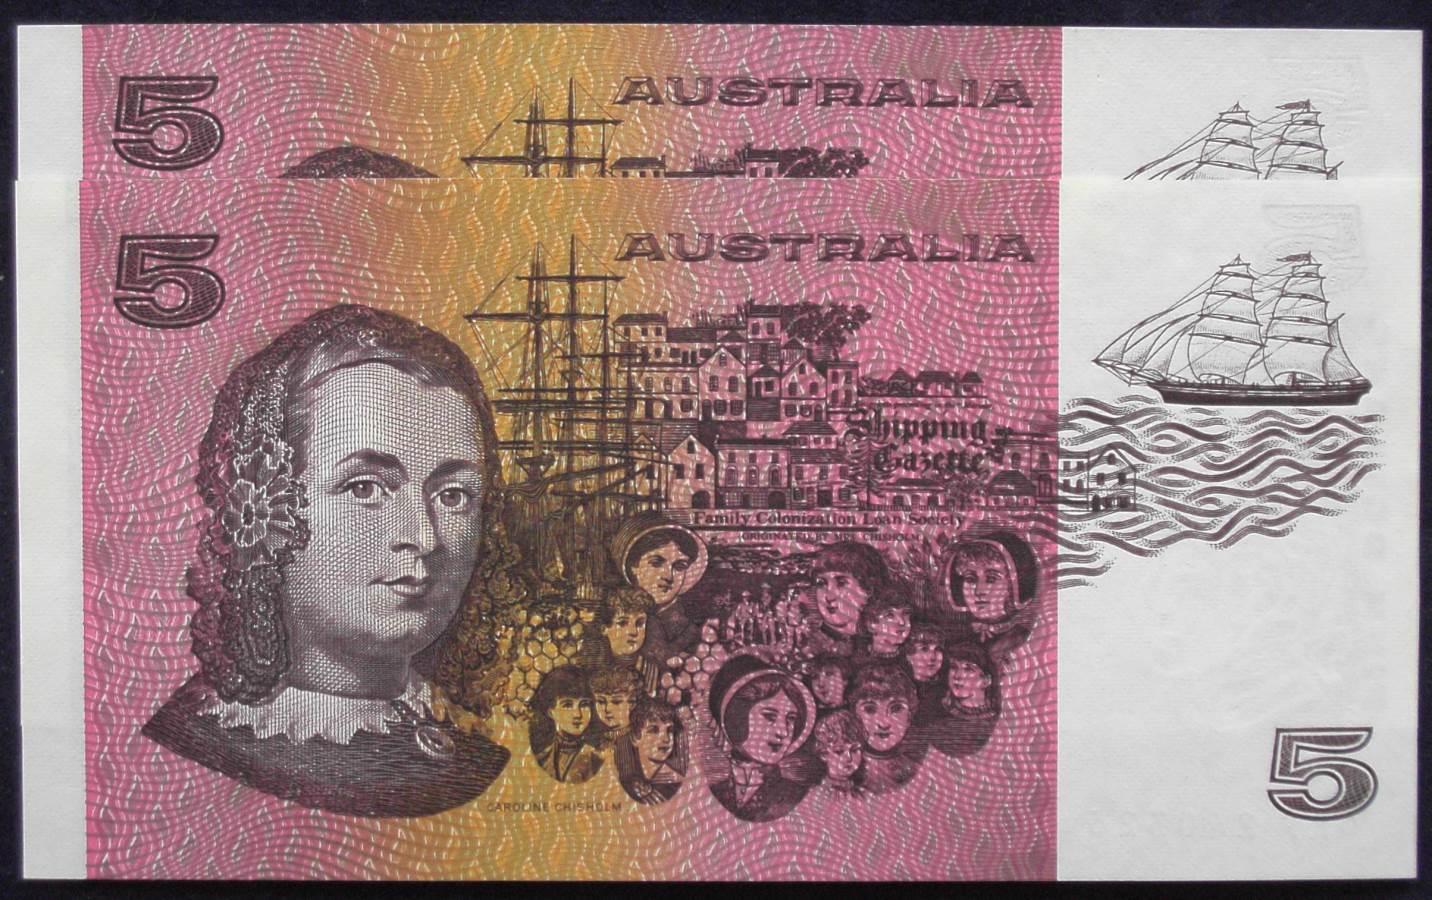 1991 Australia Five Dollars x 2 - QKF